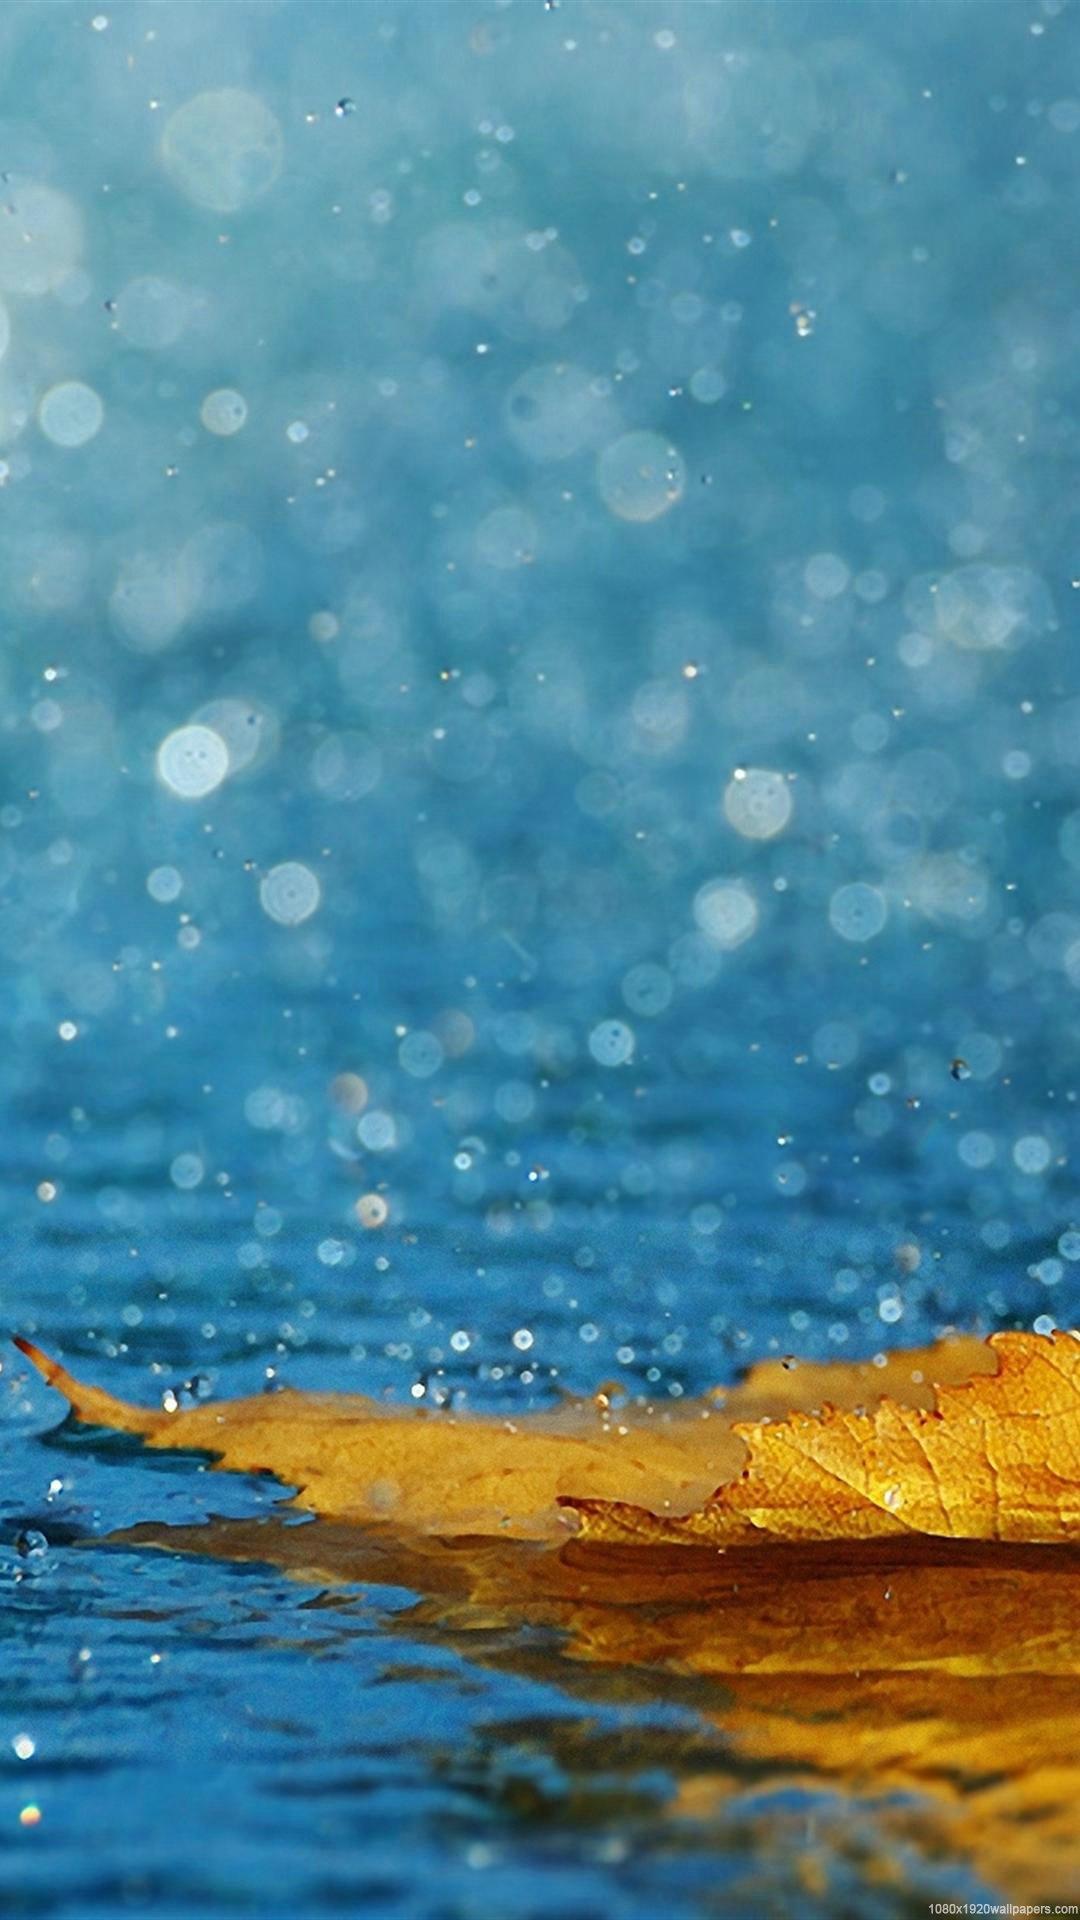 Rain iOS 10 wallpaper